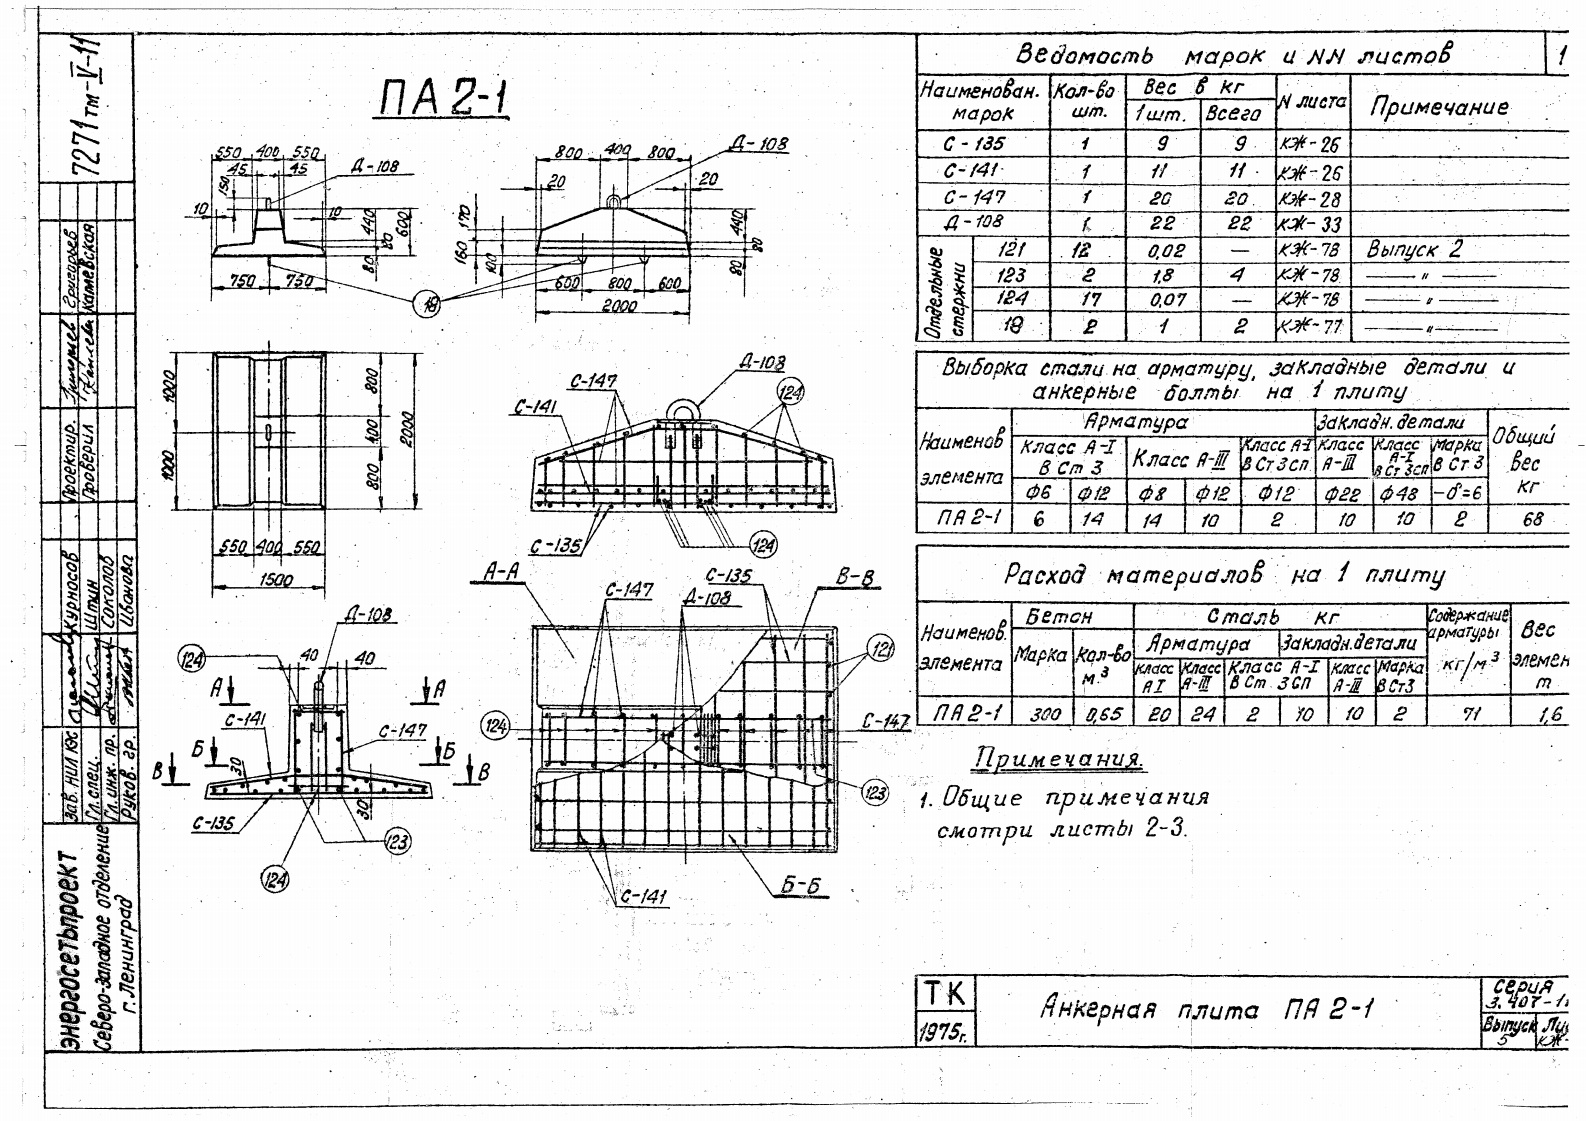 Анкерная плита ПА2-1